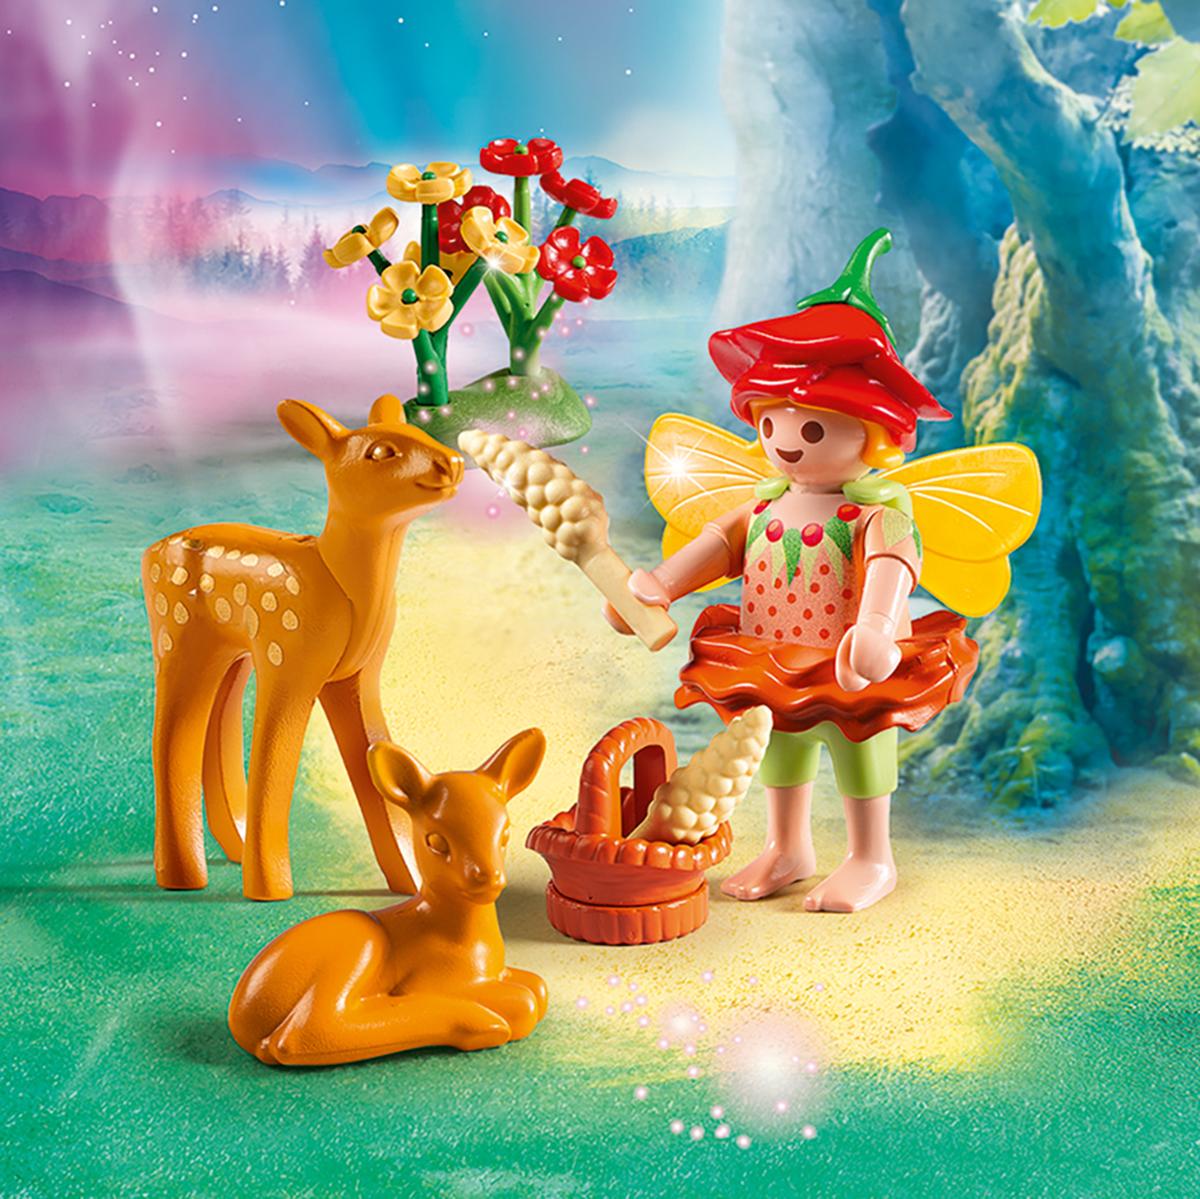 Playmobil Игровой набор Феи Девочка-фея с оленятами